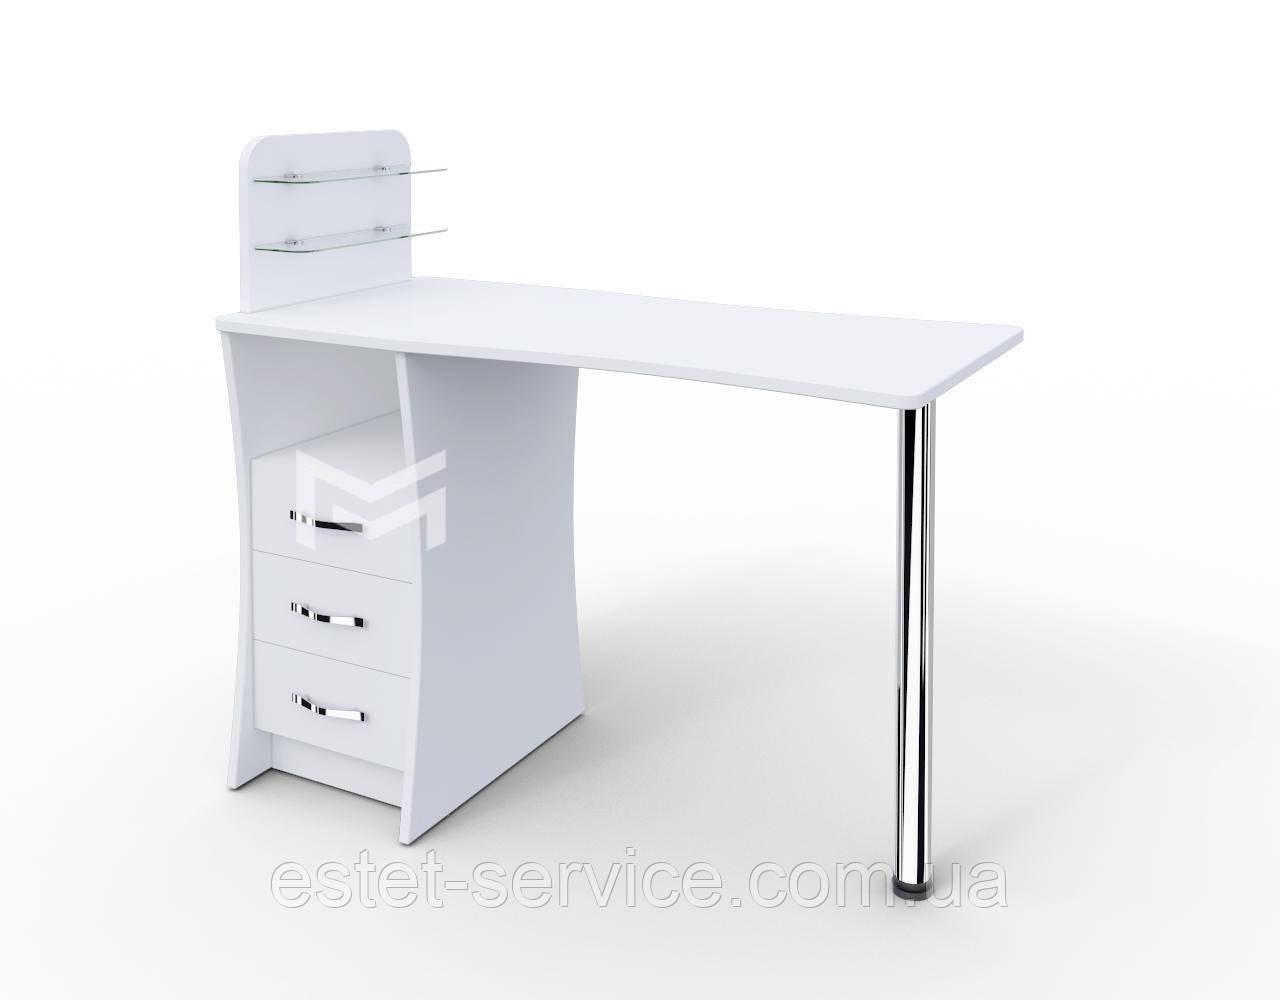 Маникюрный стол Елегант БЕЛЫЙ c стеклянными полочками под лак М104